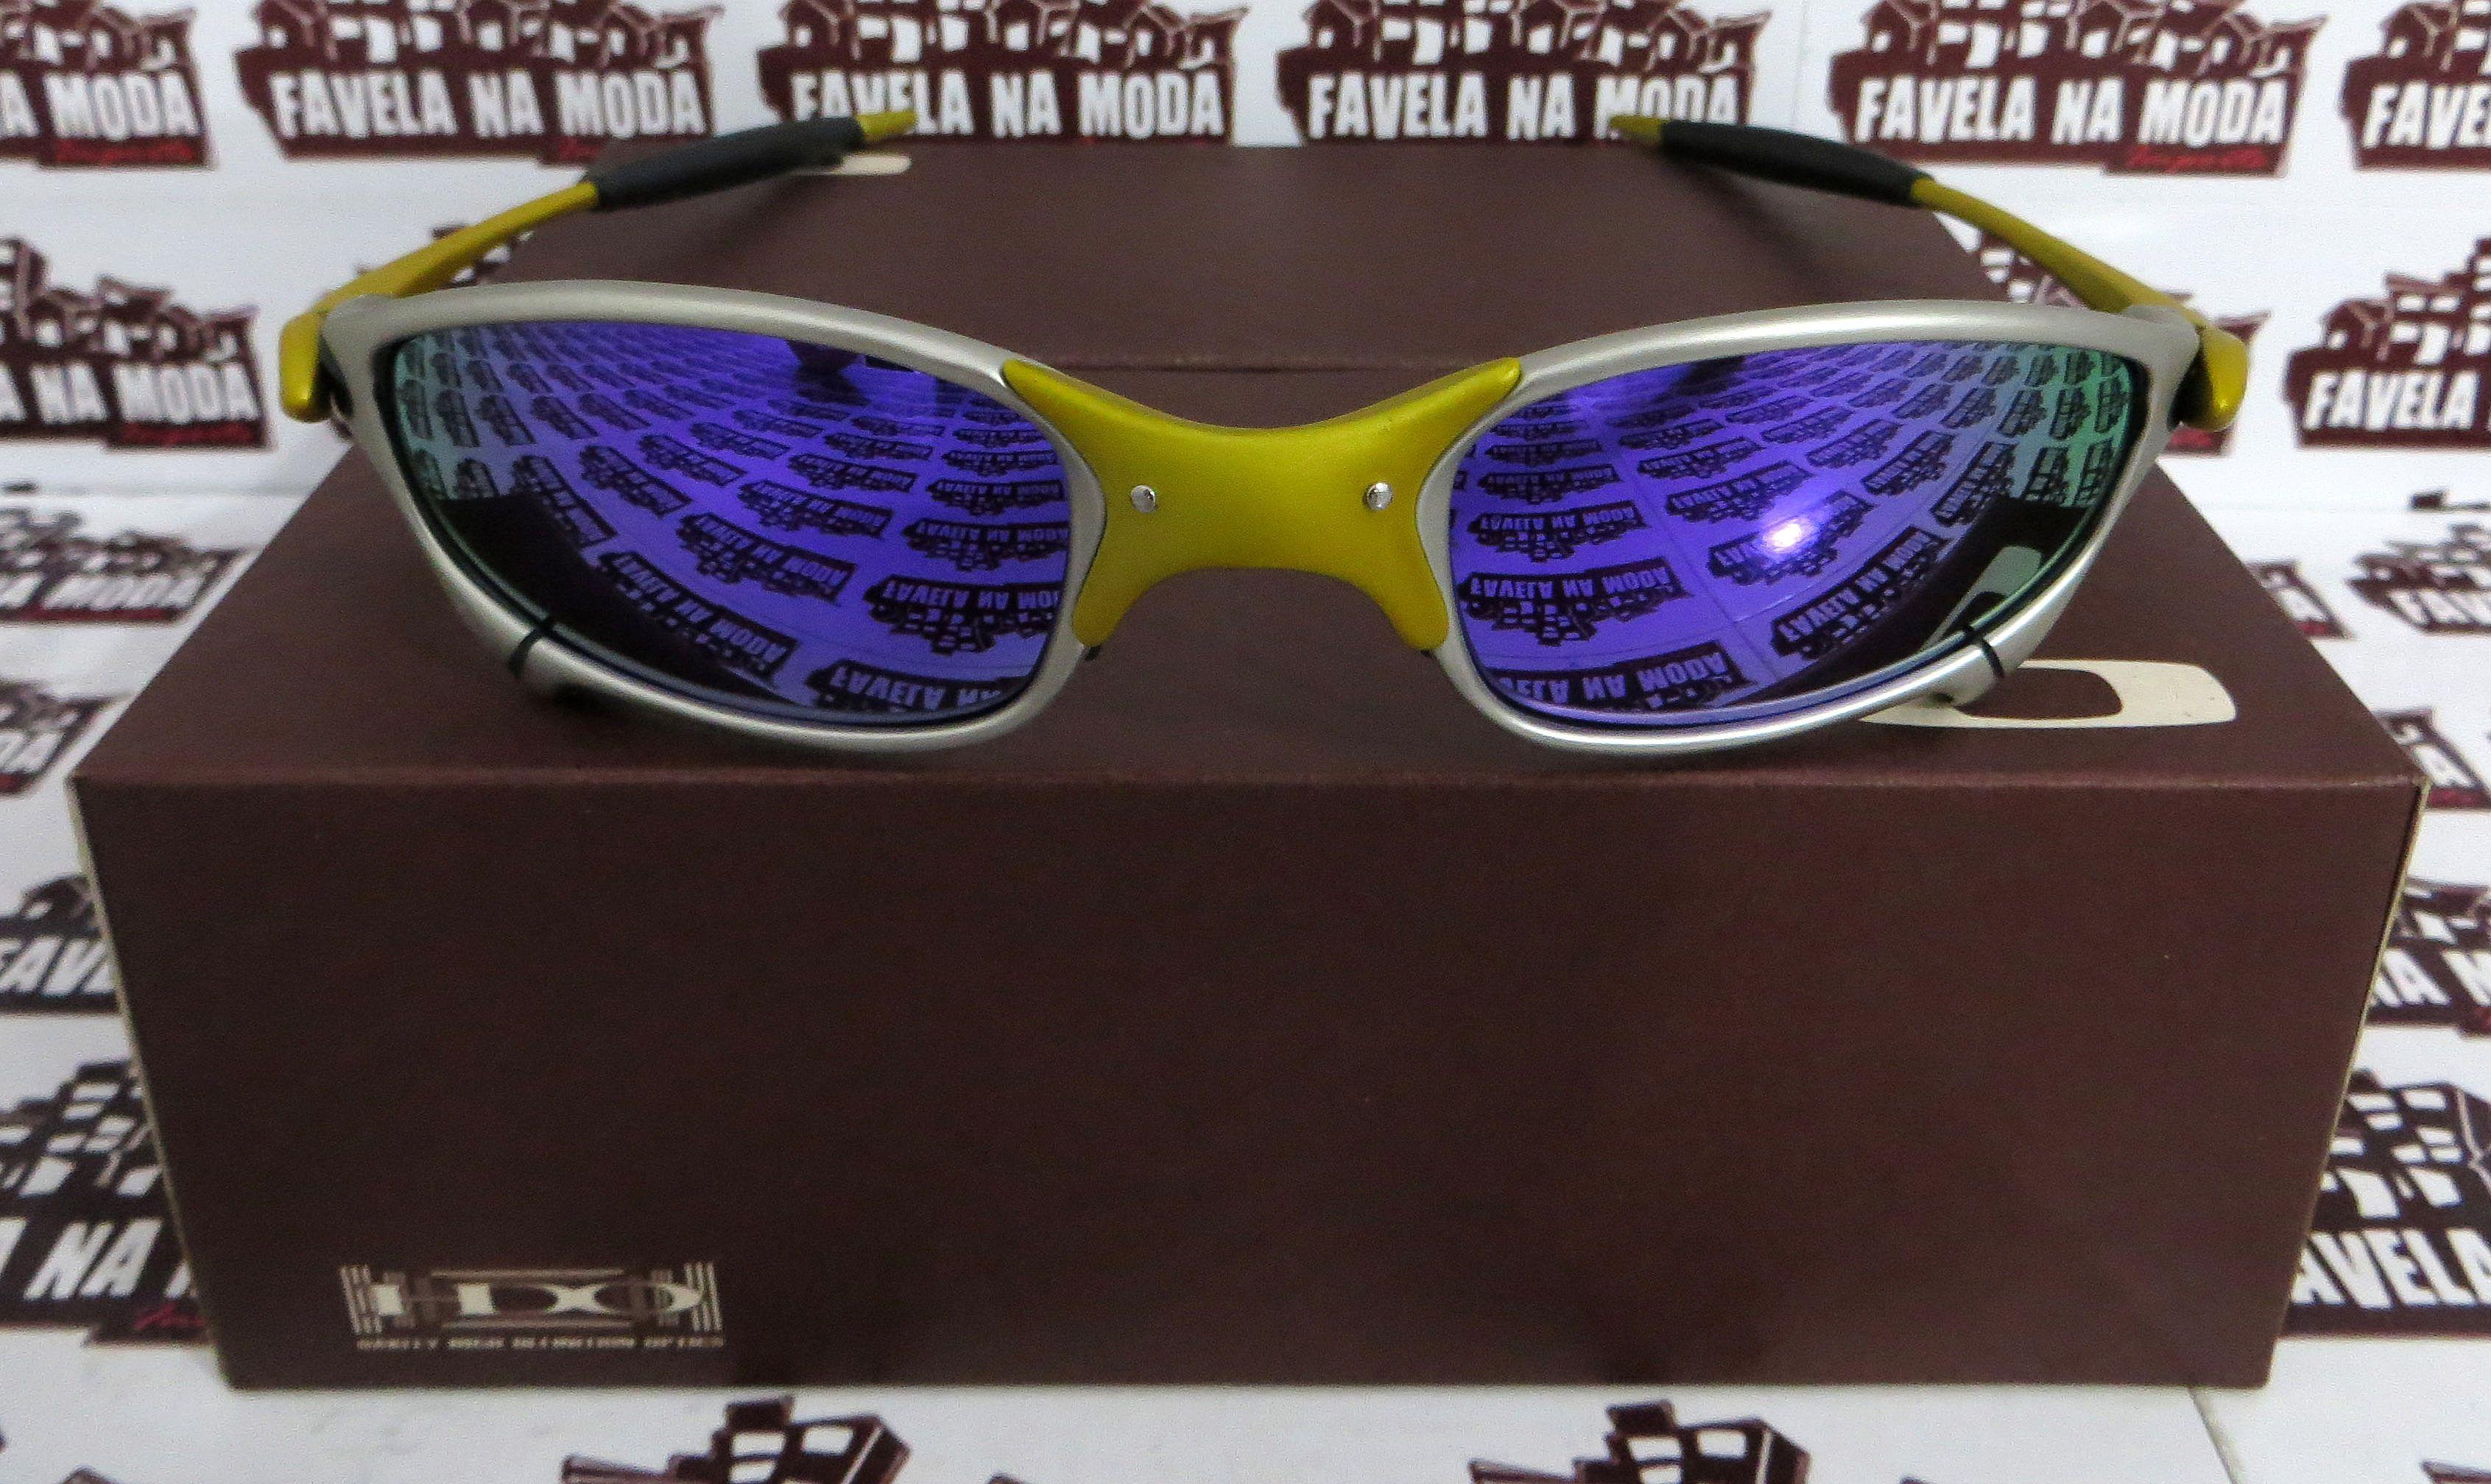 2cd220e73f691 Óculos oakley juliet violet borrachas pretas original preços juliet oakley  jpg 3383x2016 Cepar original preços juliet